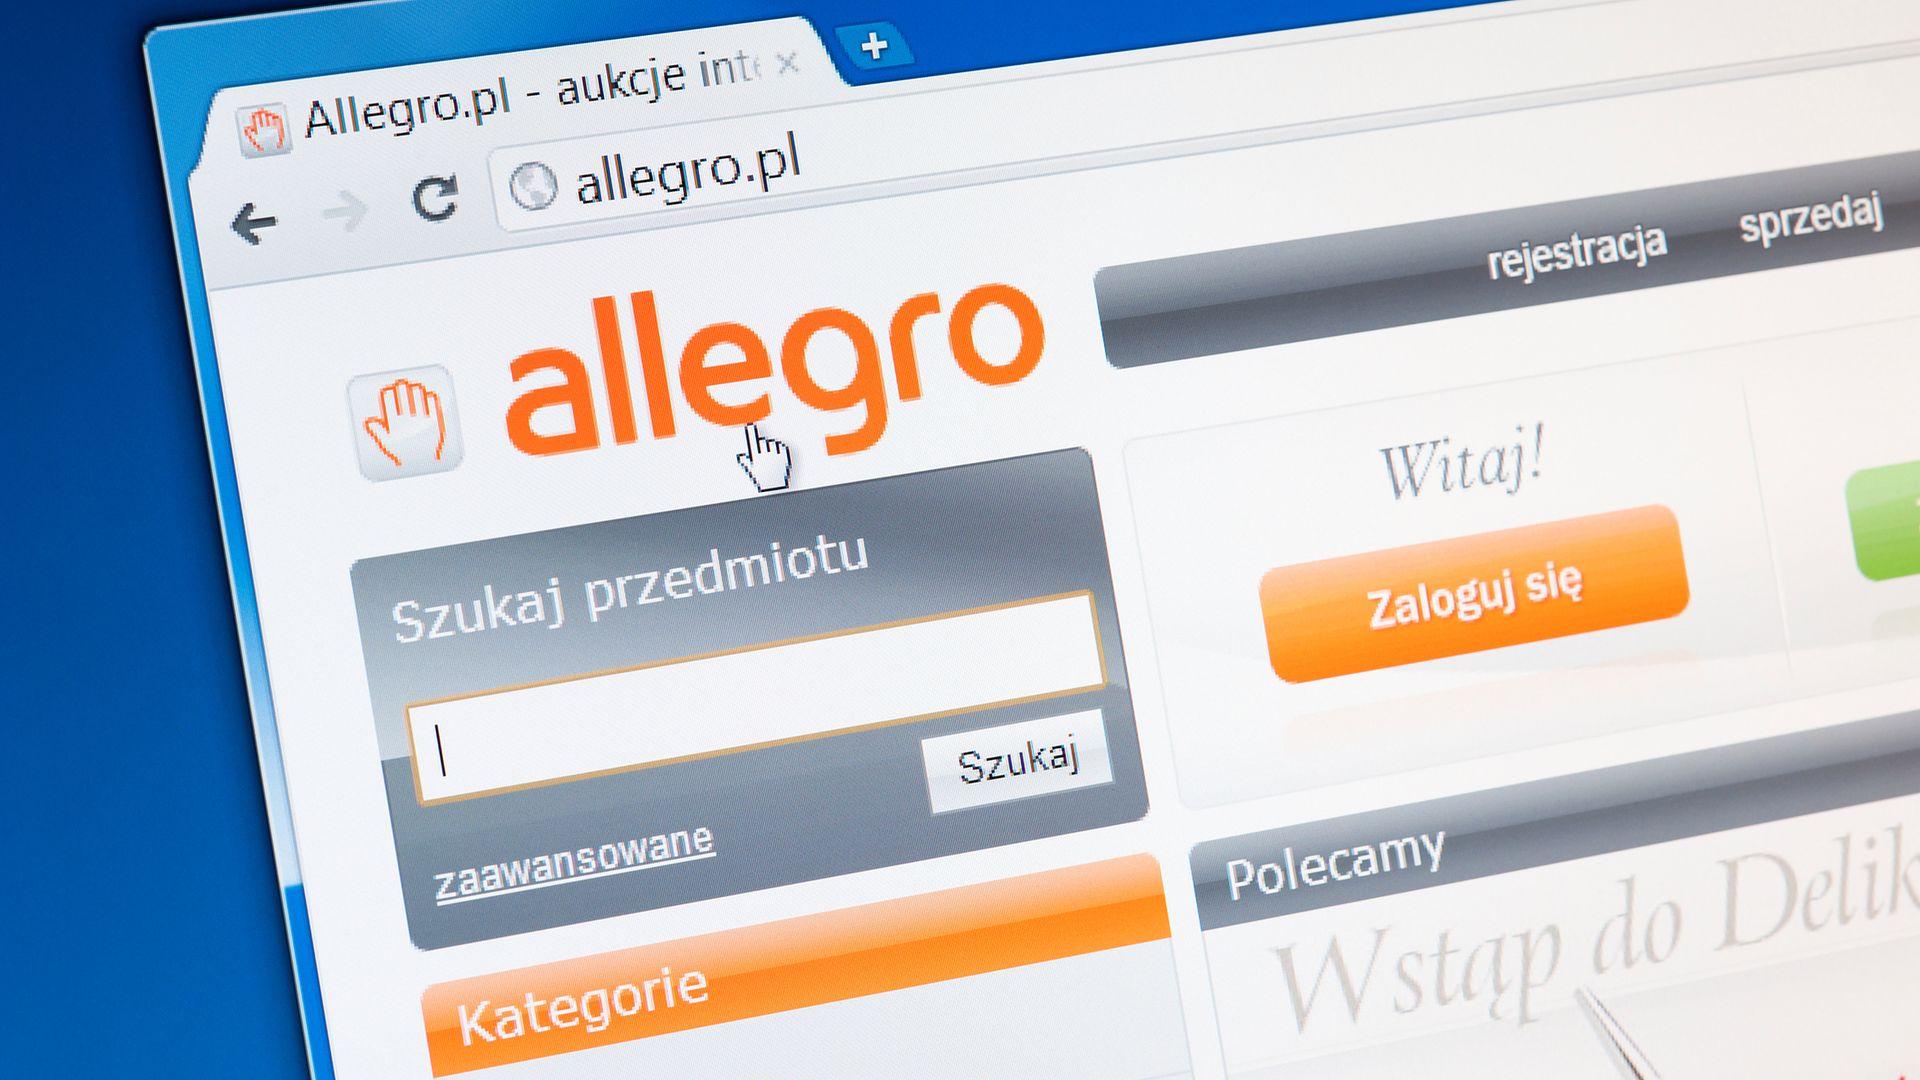 Wplata W Celu Weryfikacji Konta Na Allegro Uwaga To Oszustwo Legalniewsieci Pl